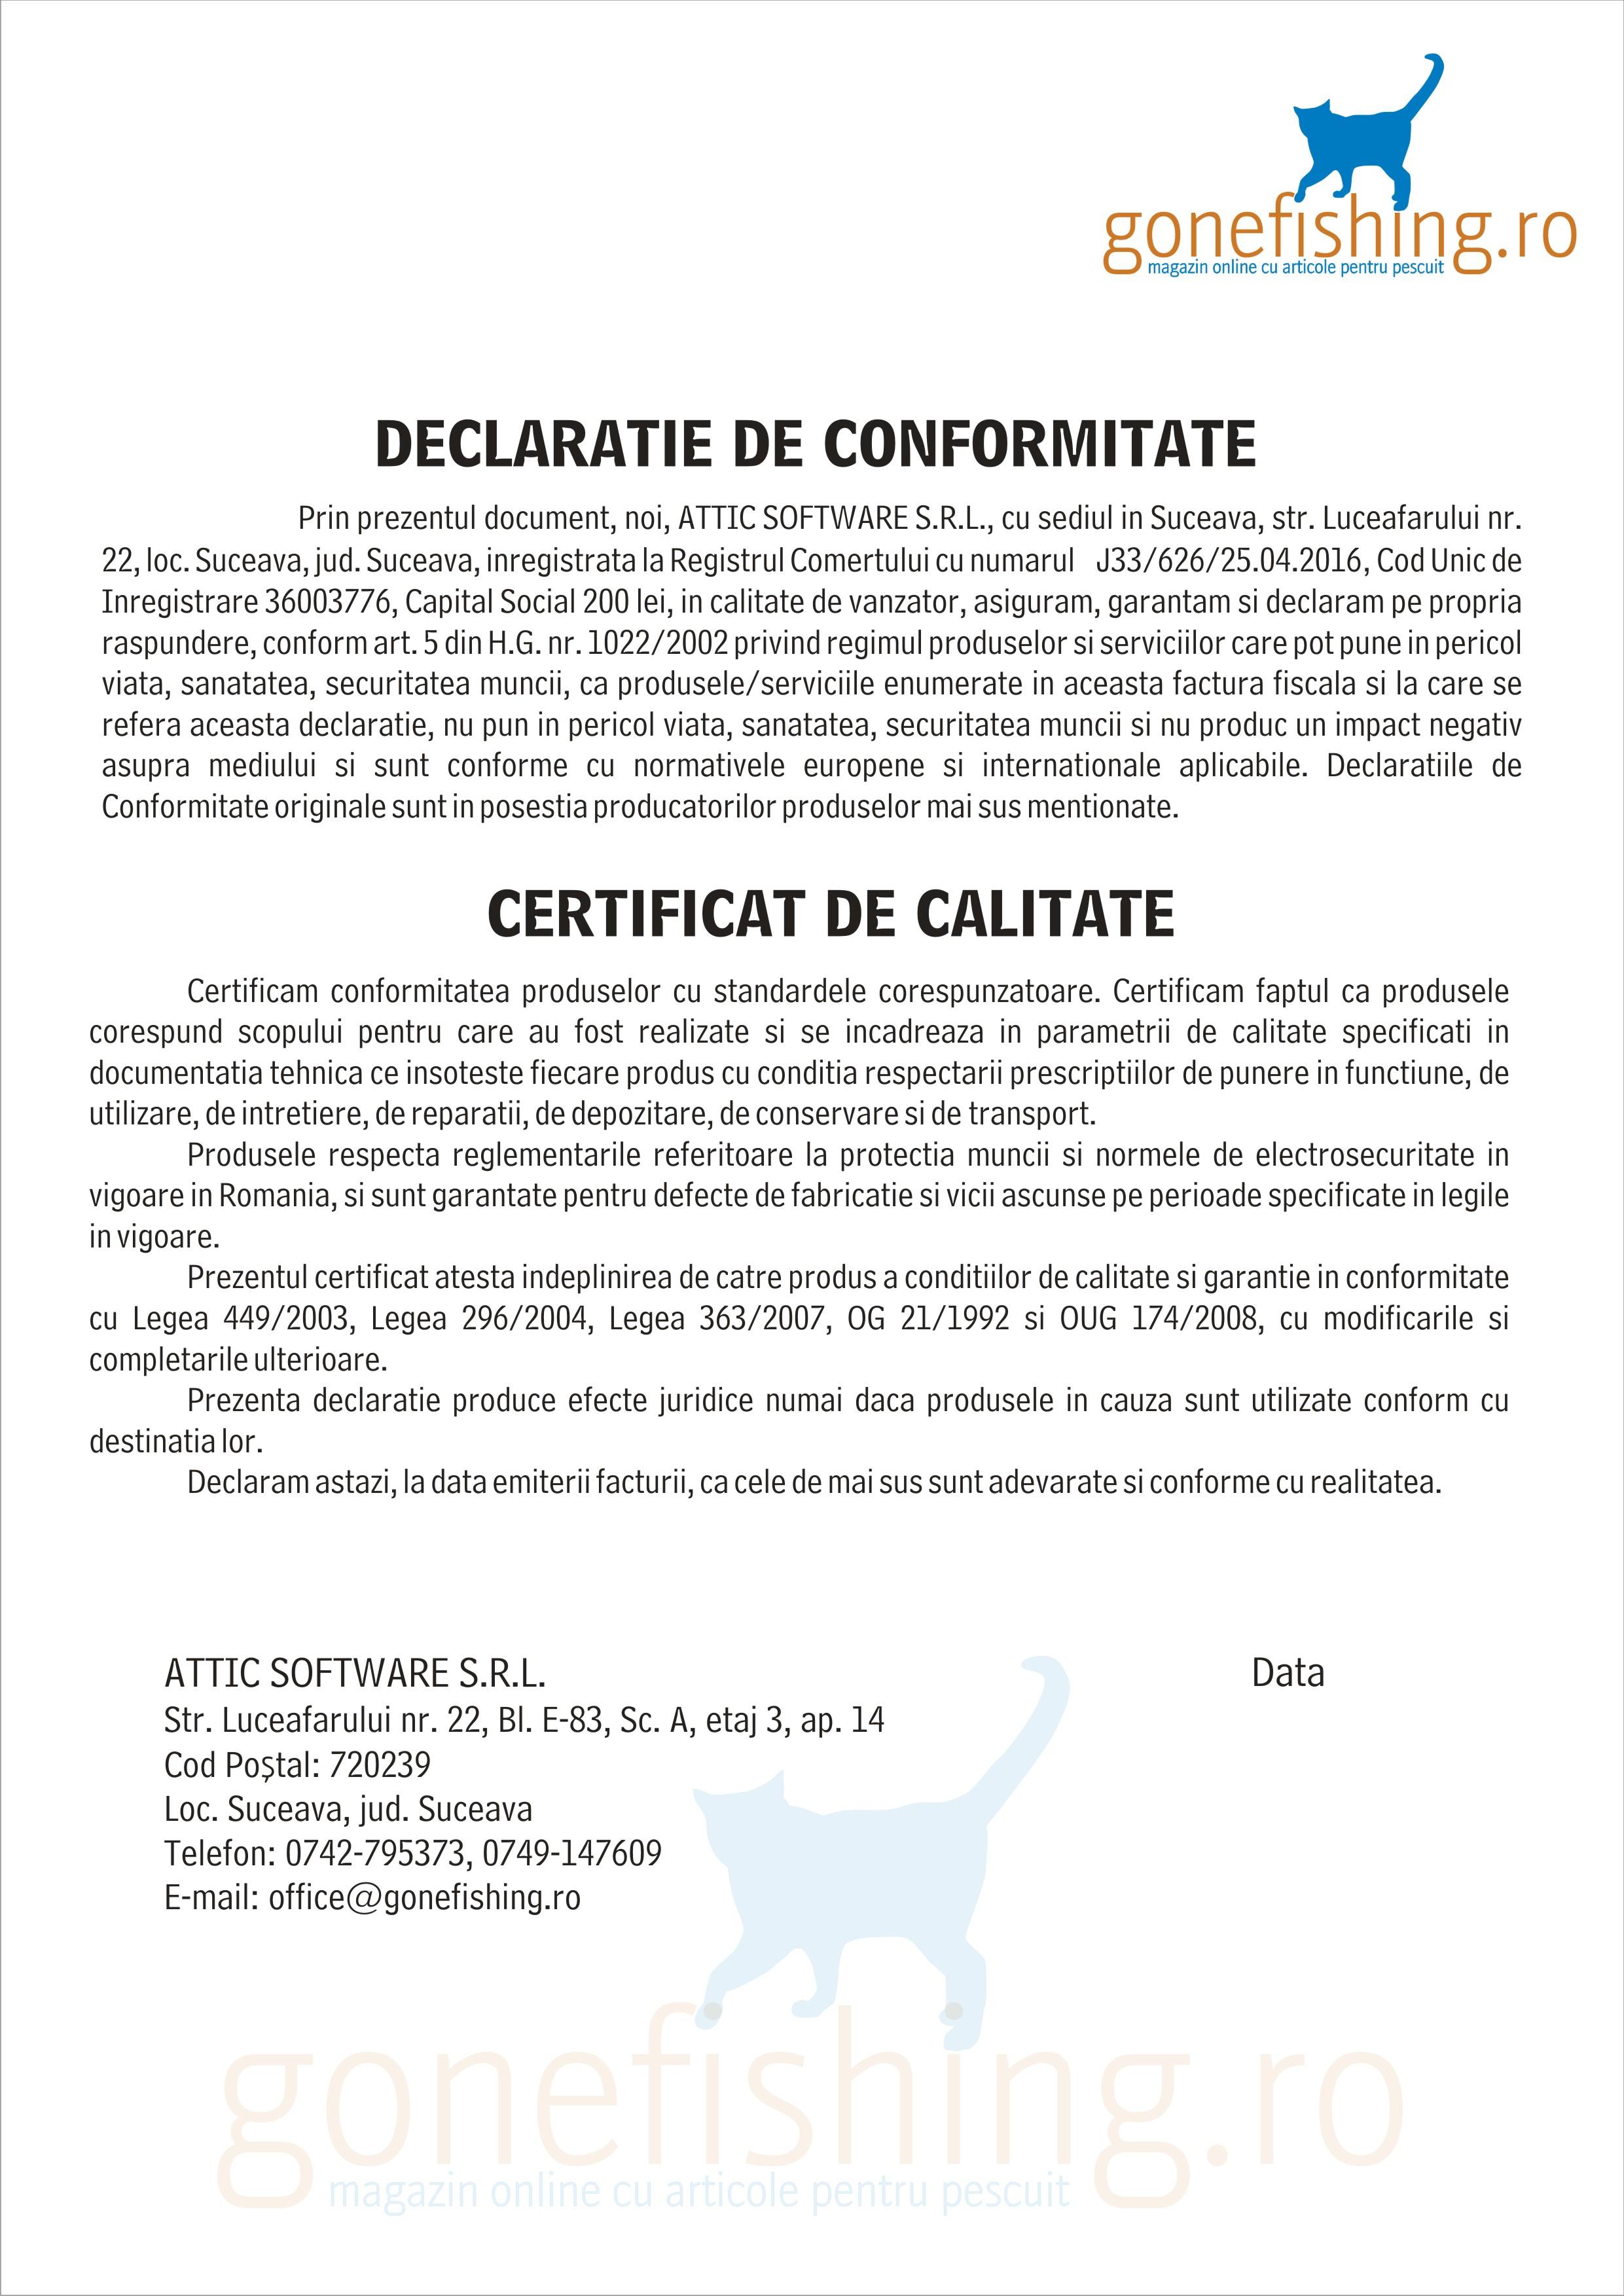 Declaratie de conformitate si certificat de calitate gonefishing